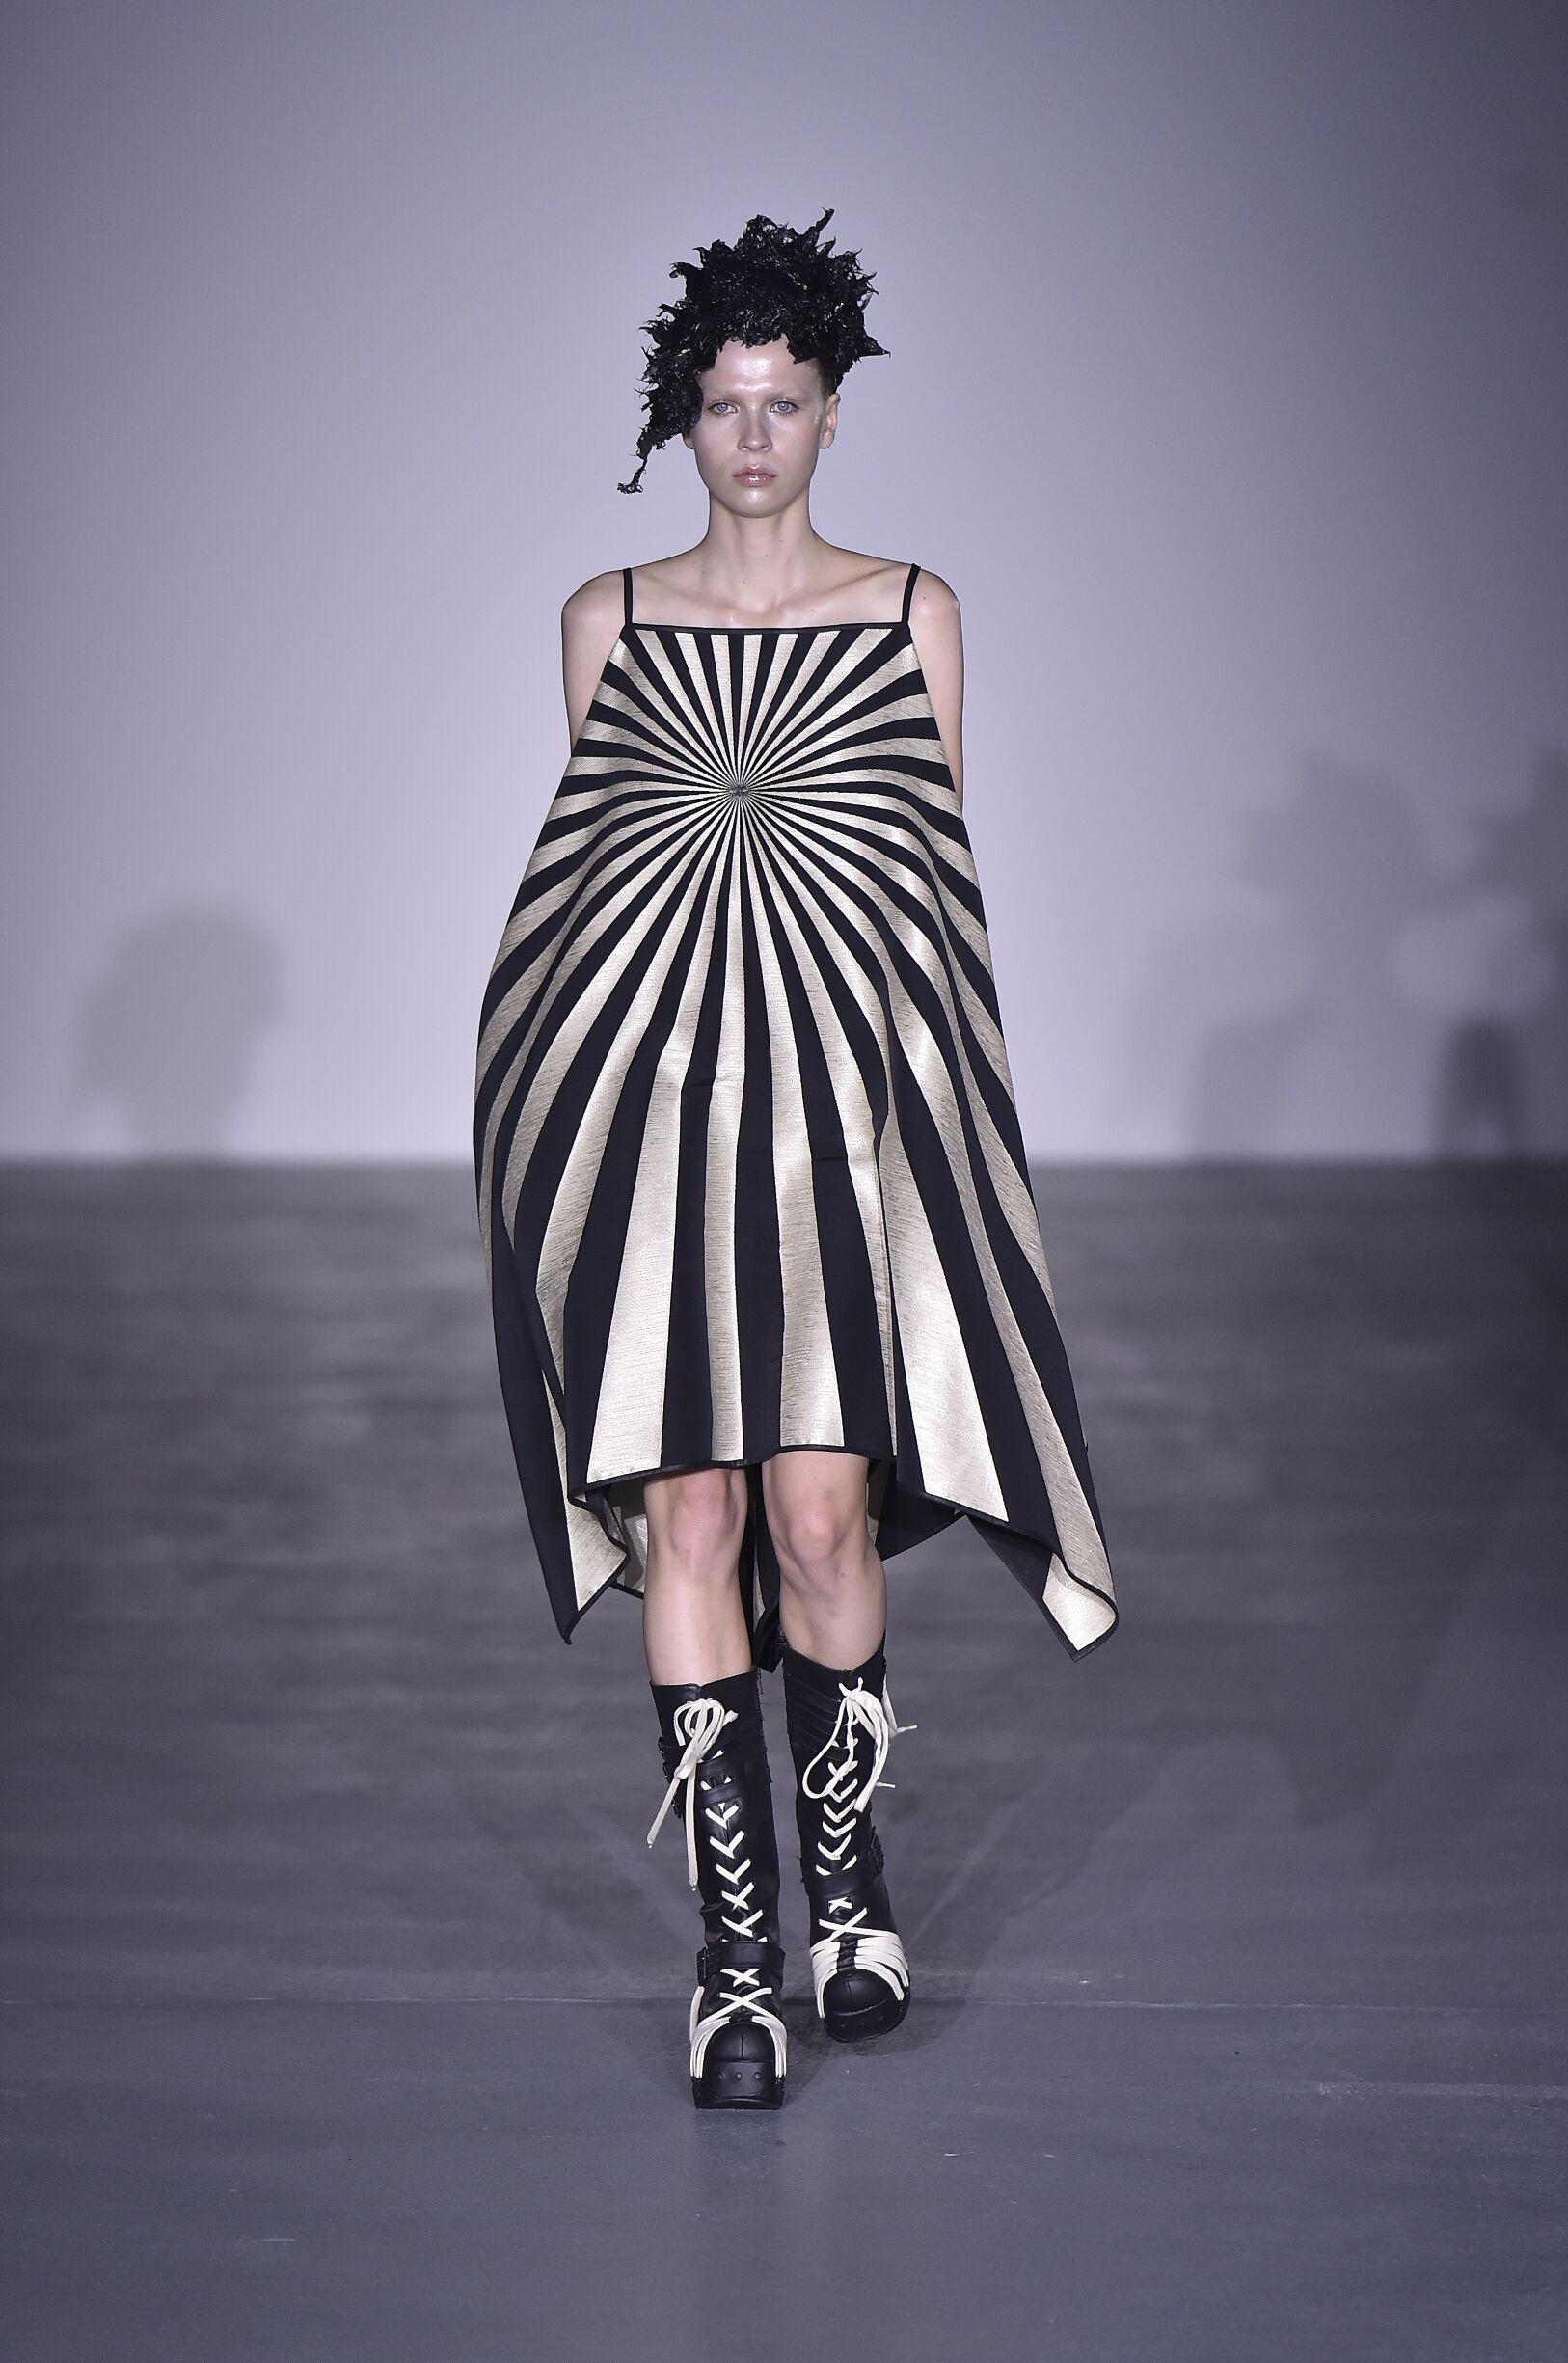 Spring Fashion 2017 Gareth Pugh